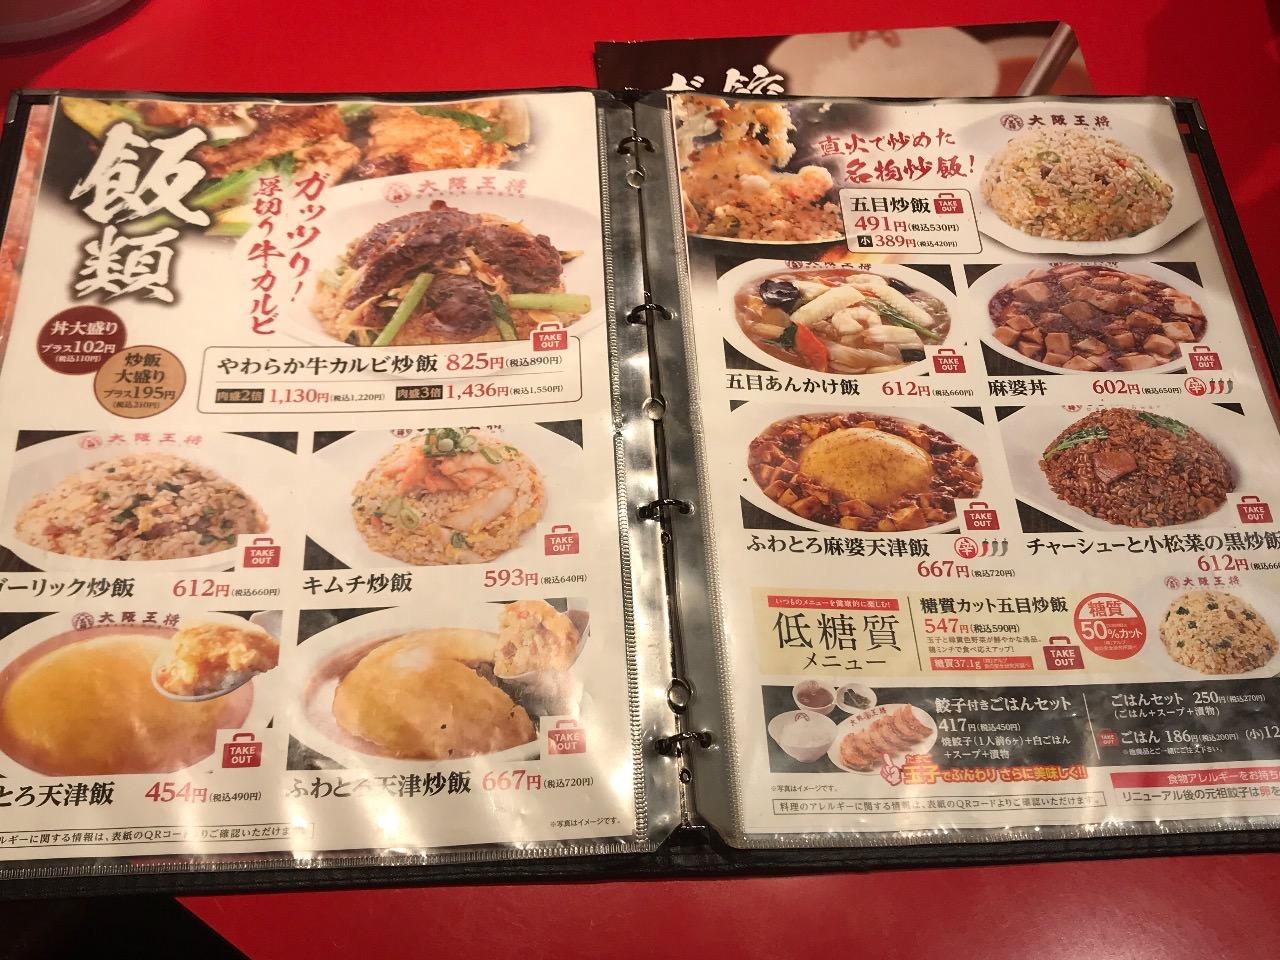 大阪王将 新宿店 メニュー